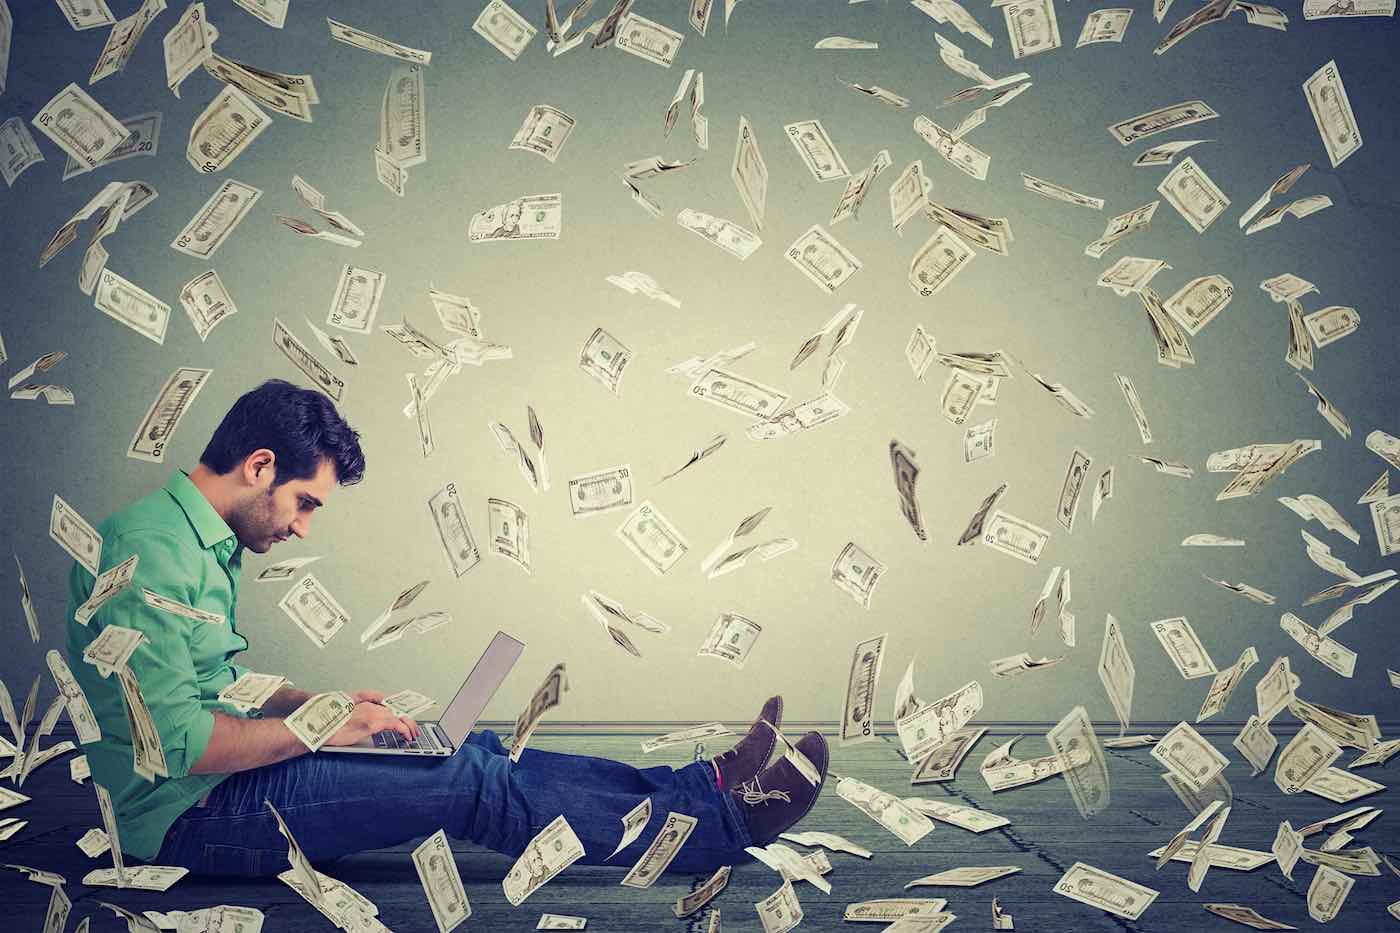 Cómo ganar dinero para un blogger: 4 maneras rentables de monetización de un blog